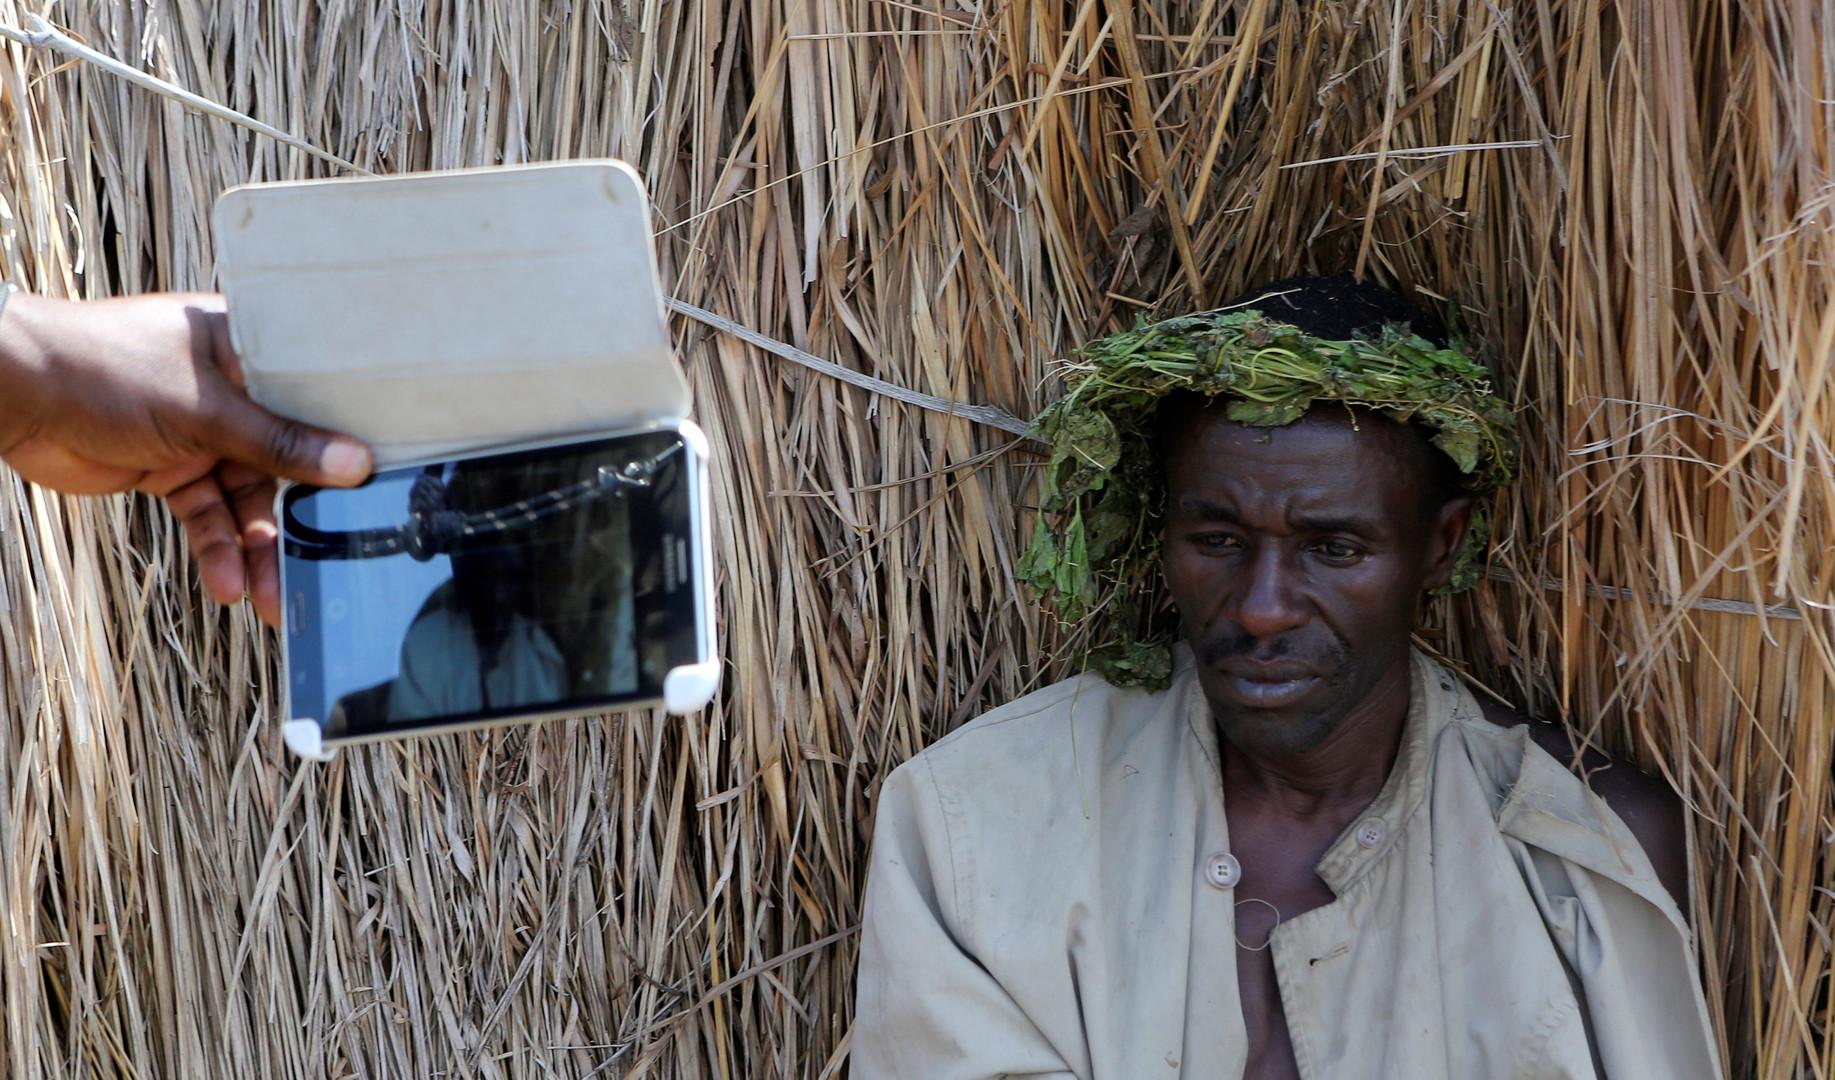 Полиция Уганды пришла с обысками к племенному королю